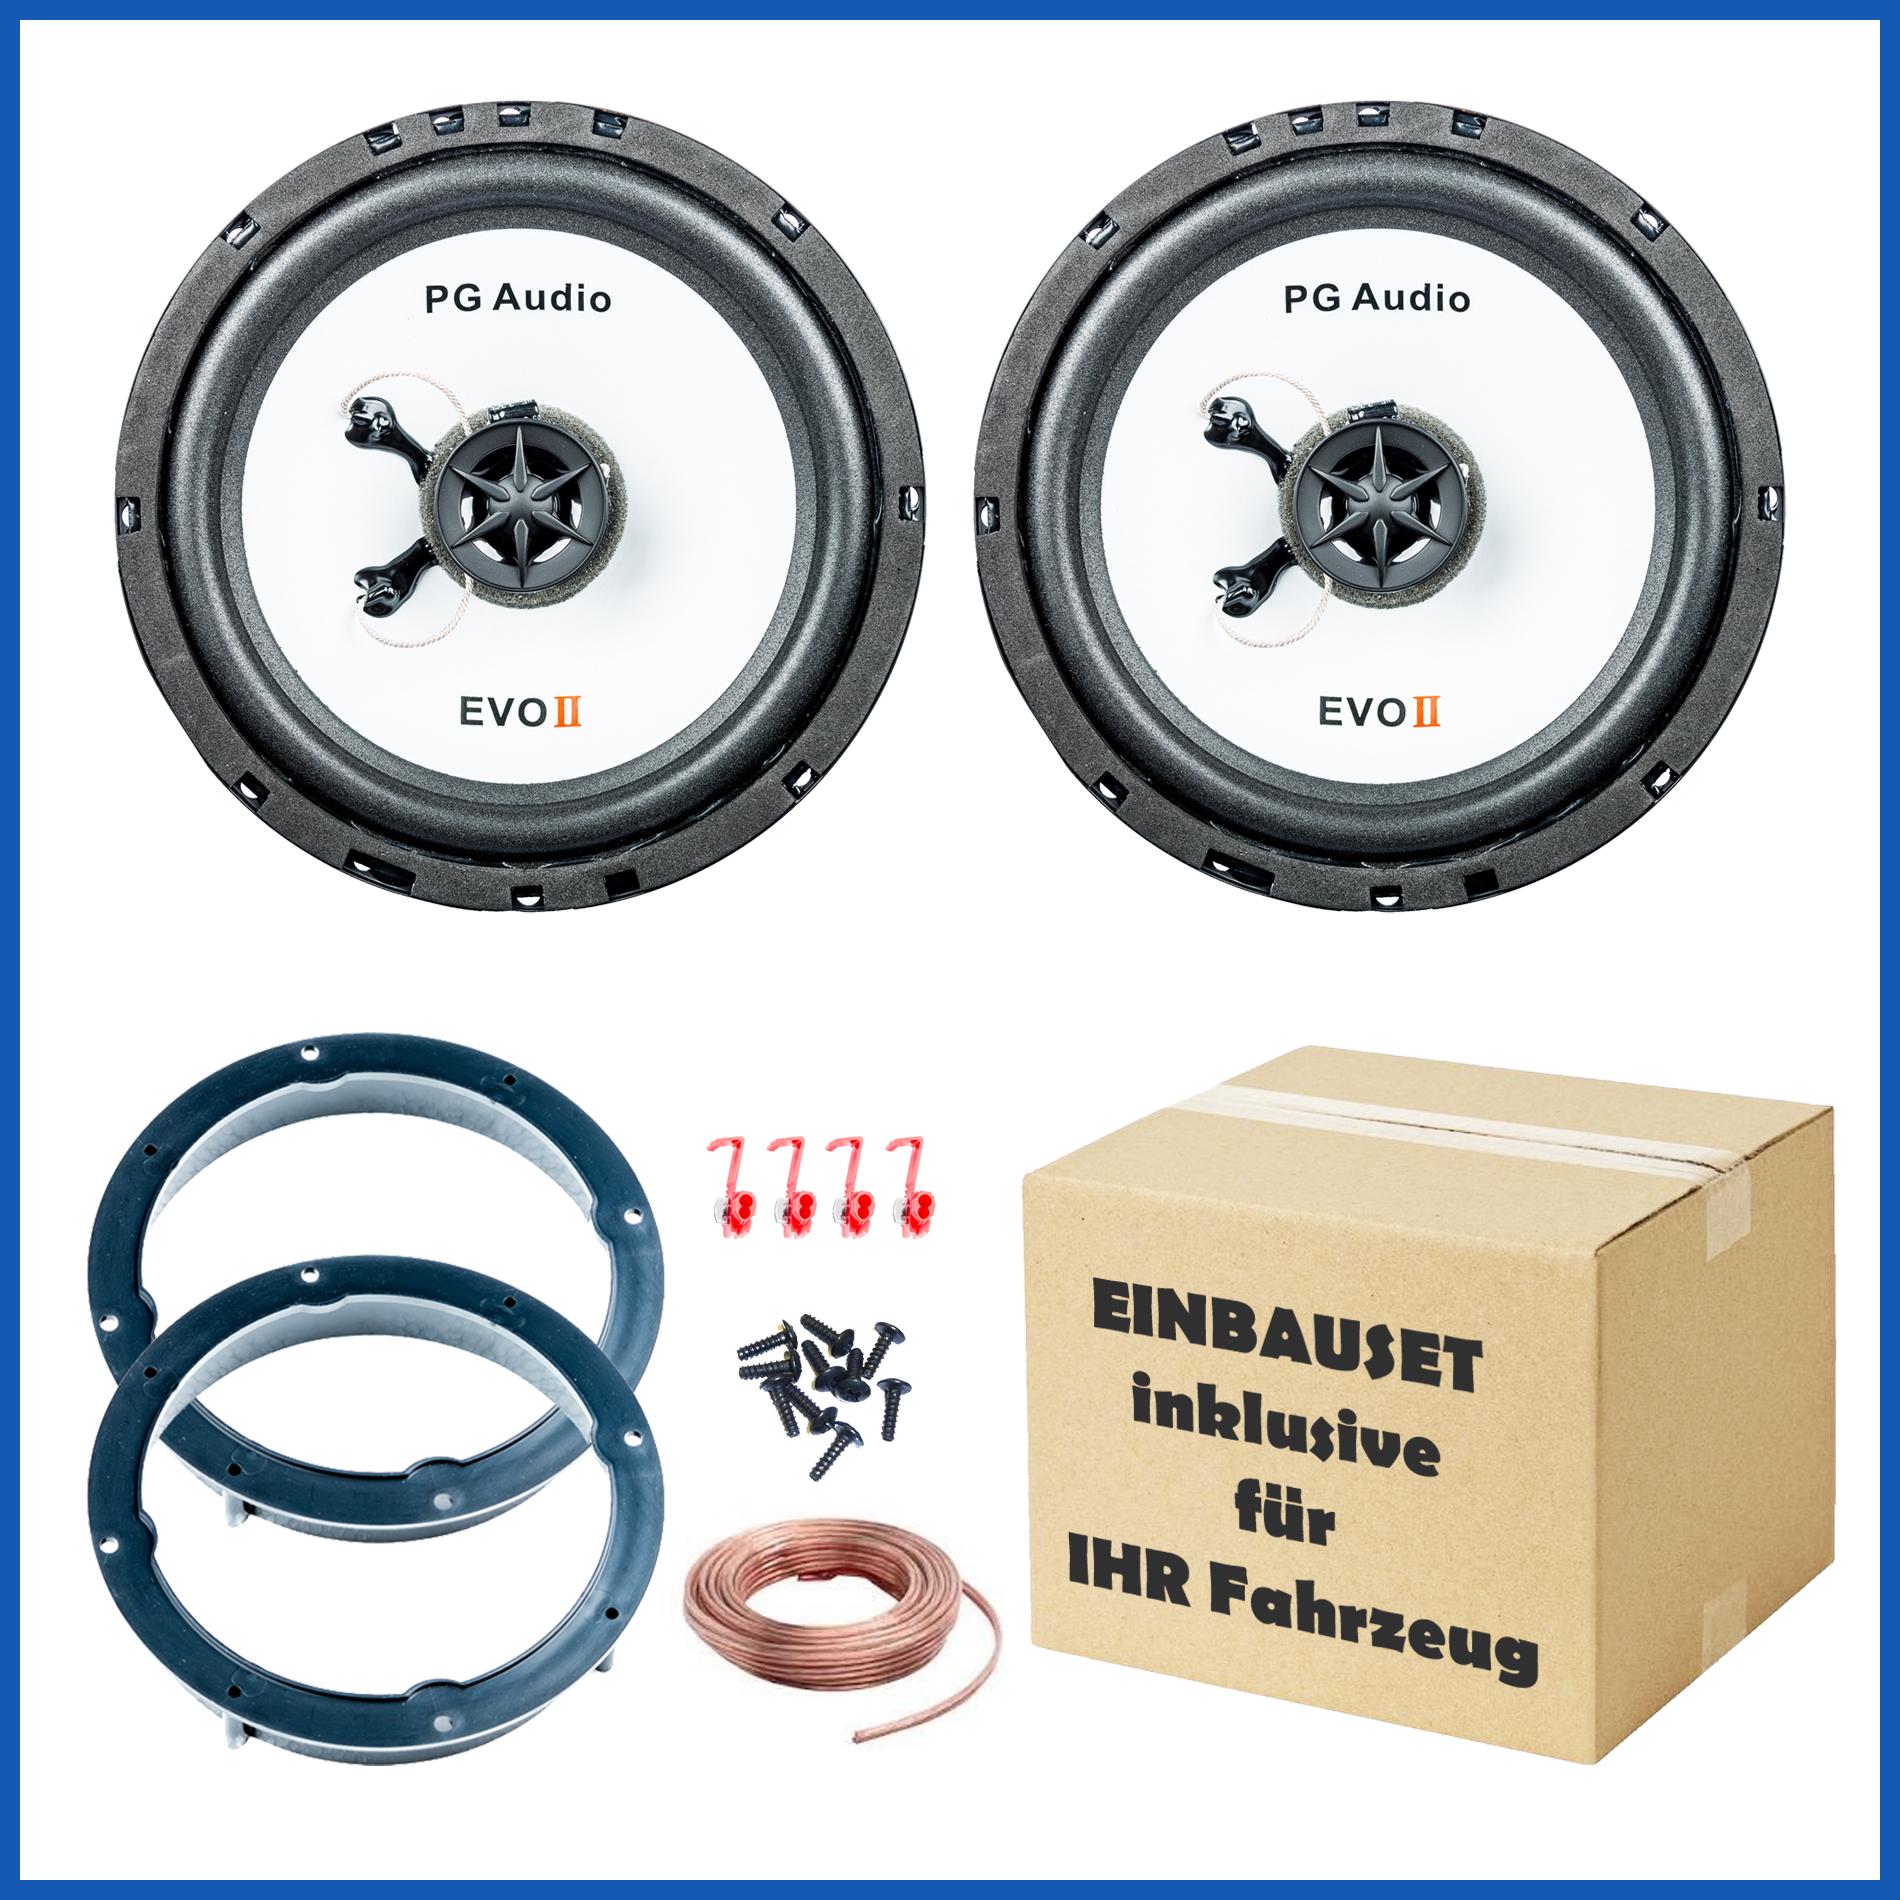 Lautsprecher Einbauset passend für Hyundai IX35, KIA Sportage, Tucson, 1 Paar